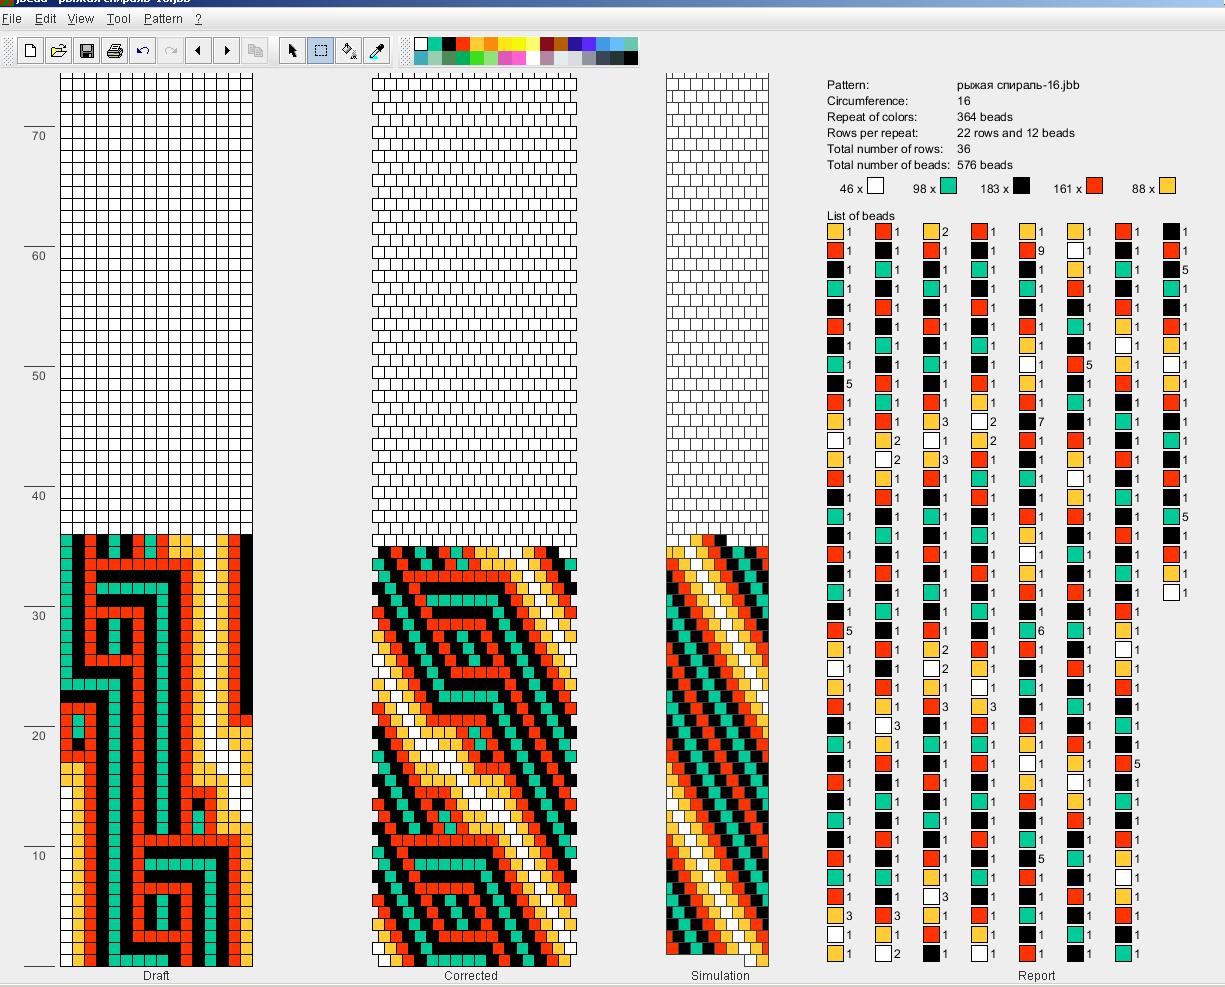 200 схем для вязания шнуров на 15-16 бисерин / Вязание с бисером ...